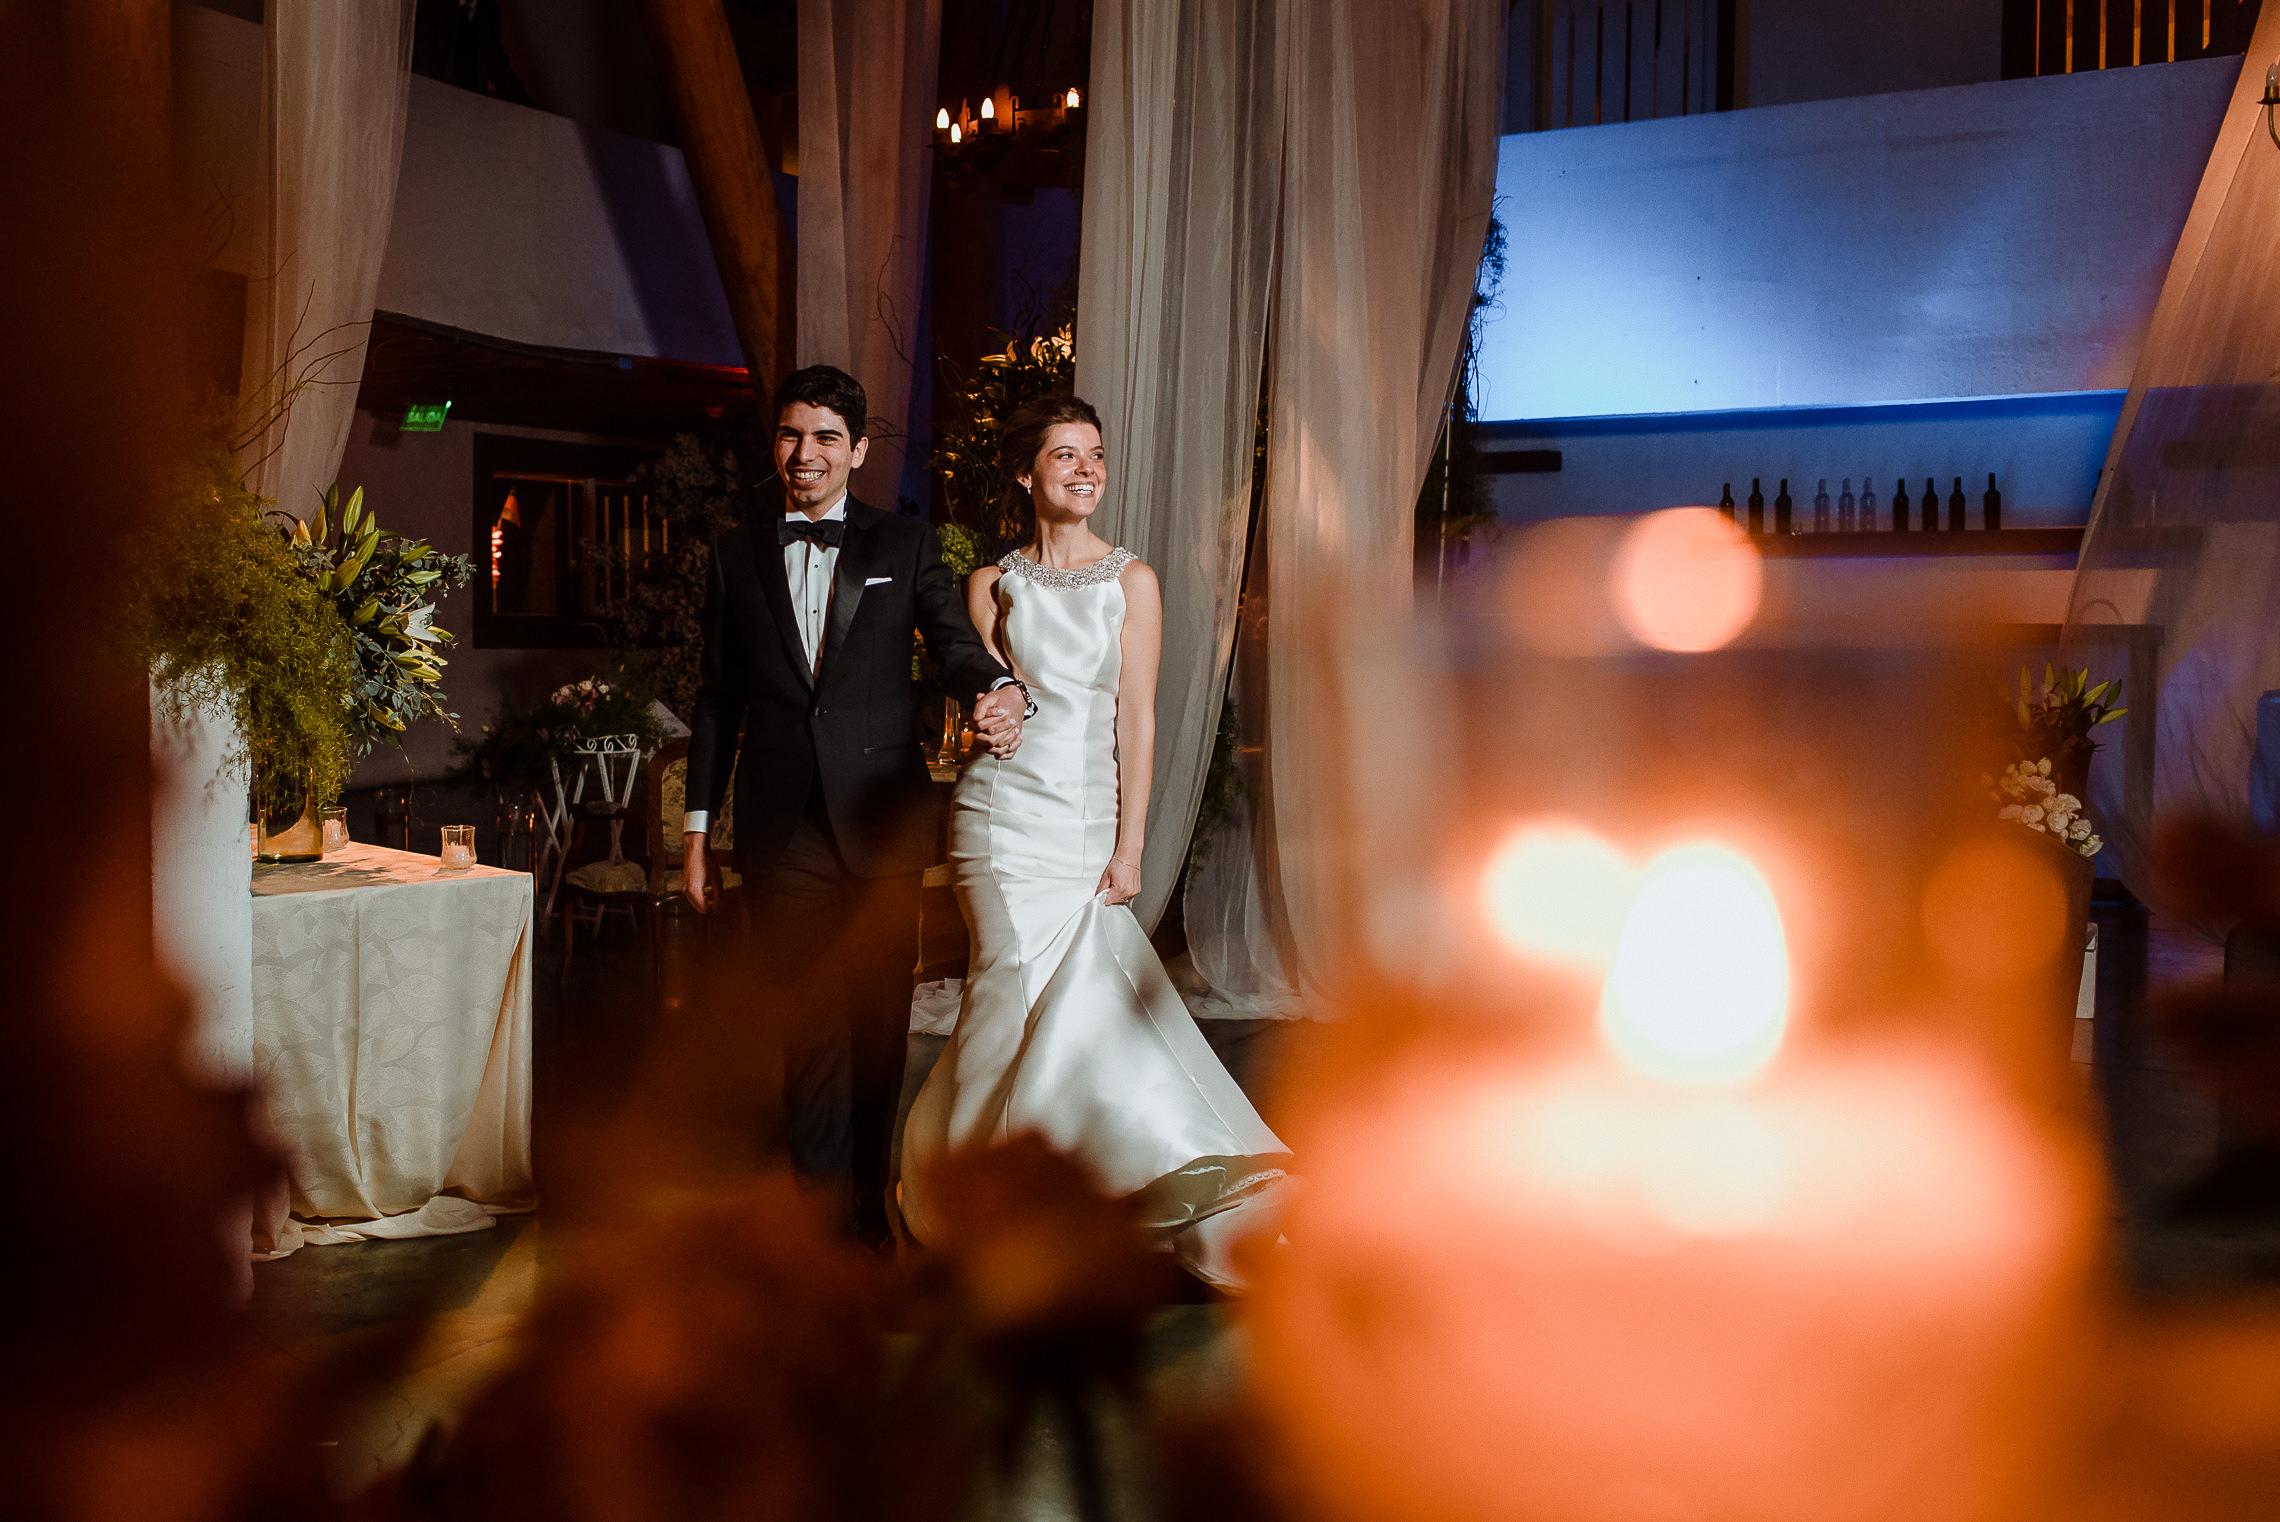 matrimonio-casona-la-laguna-iglesia-san-ignacio-de-loyola-sofia-jottar-novia-brasilera-deborah-dantzoff-fotografia